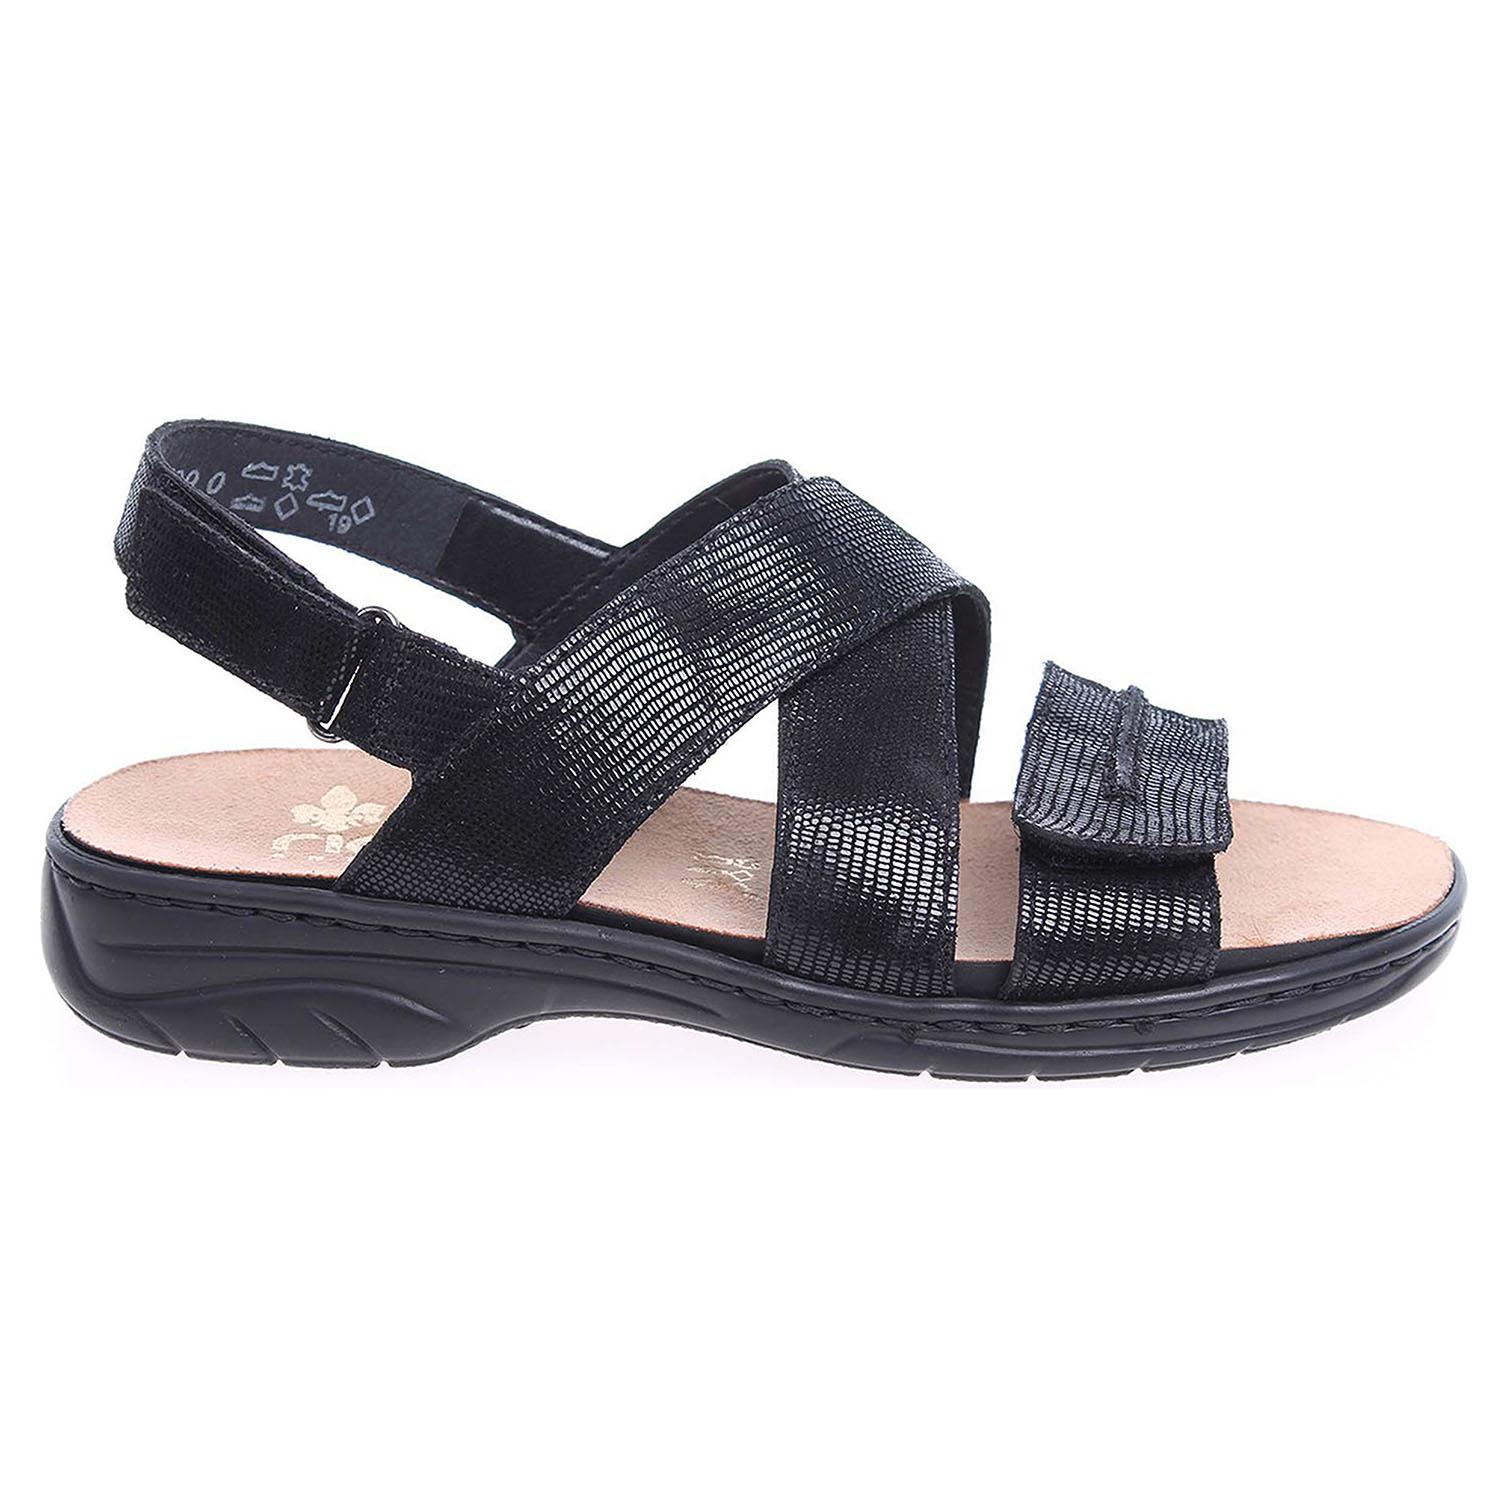 Rieker dámské sandály 64598-00 černé 37